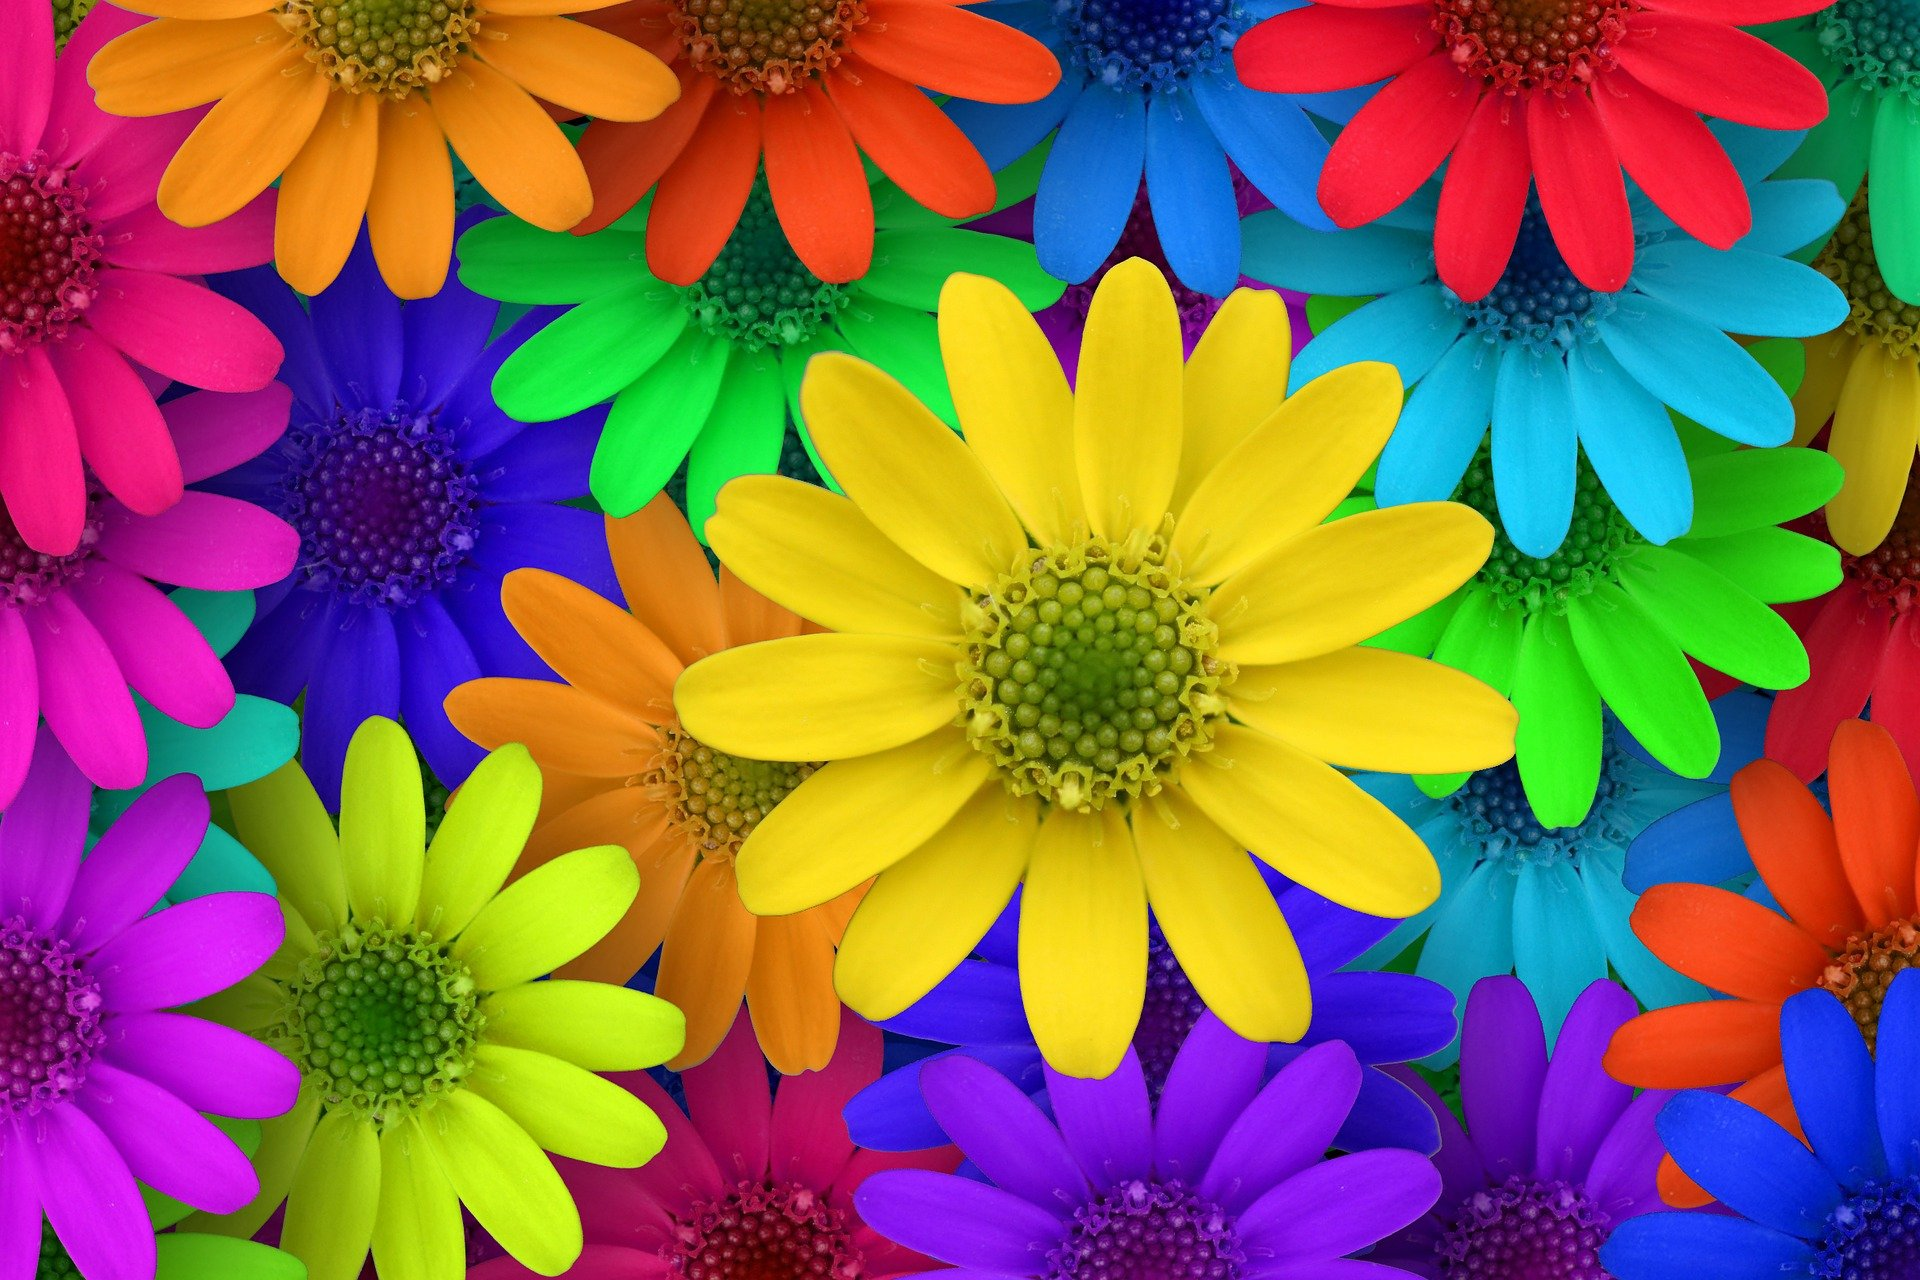 Il significato segreto dei fiori